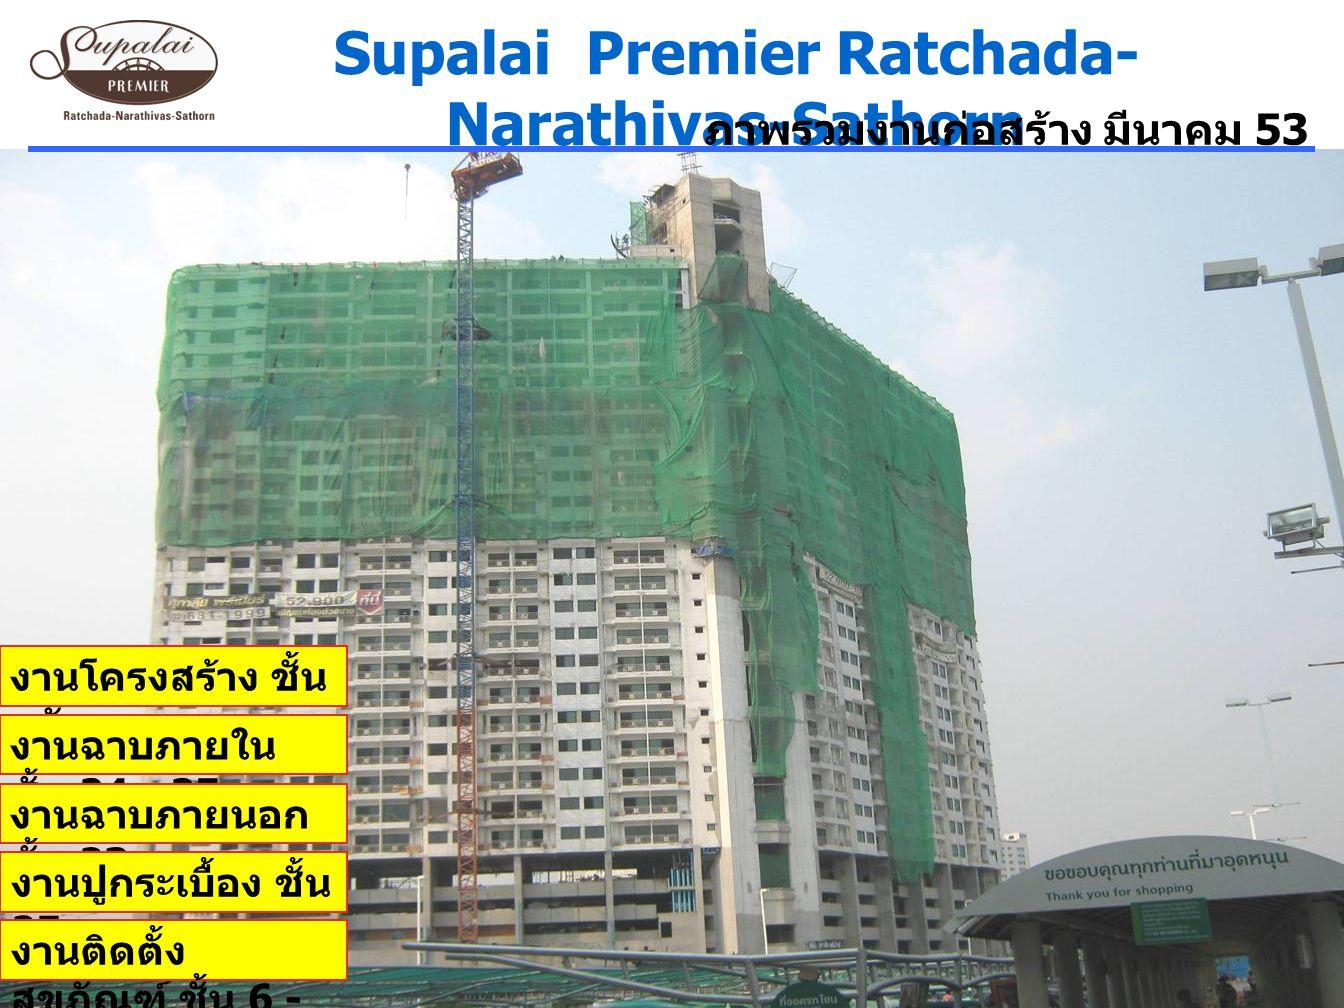 ภาพรวมงานก่อสร้าง มีนาคม 53 งานโครงสร้าง ชั้น หลังคา งานฉาบภายใน ชั้น 24 - 25 งานฉาบภายนอก ชั้น 23 งานปูกระเบื้อง ชั้น 25 งานติดตั้ง สุขภัณฑ์ ชั้น 6 -